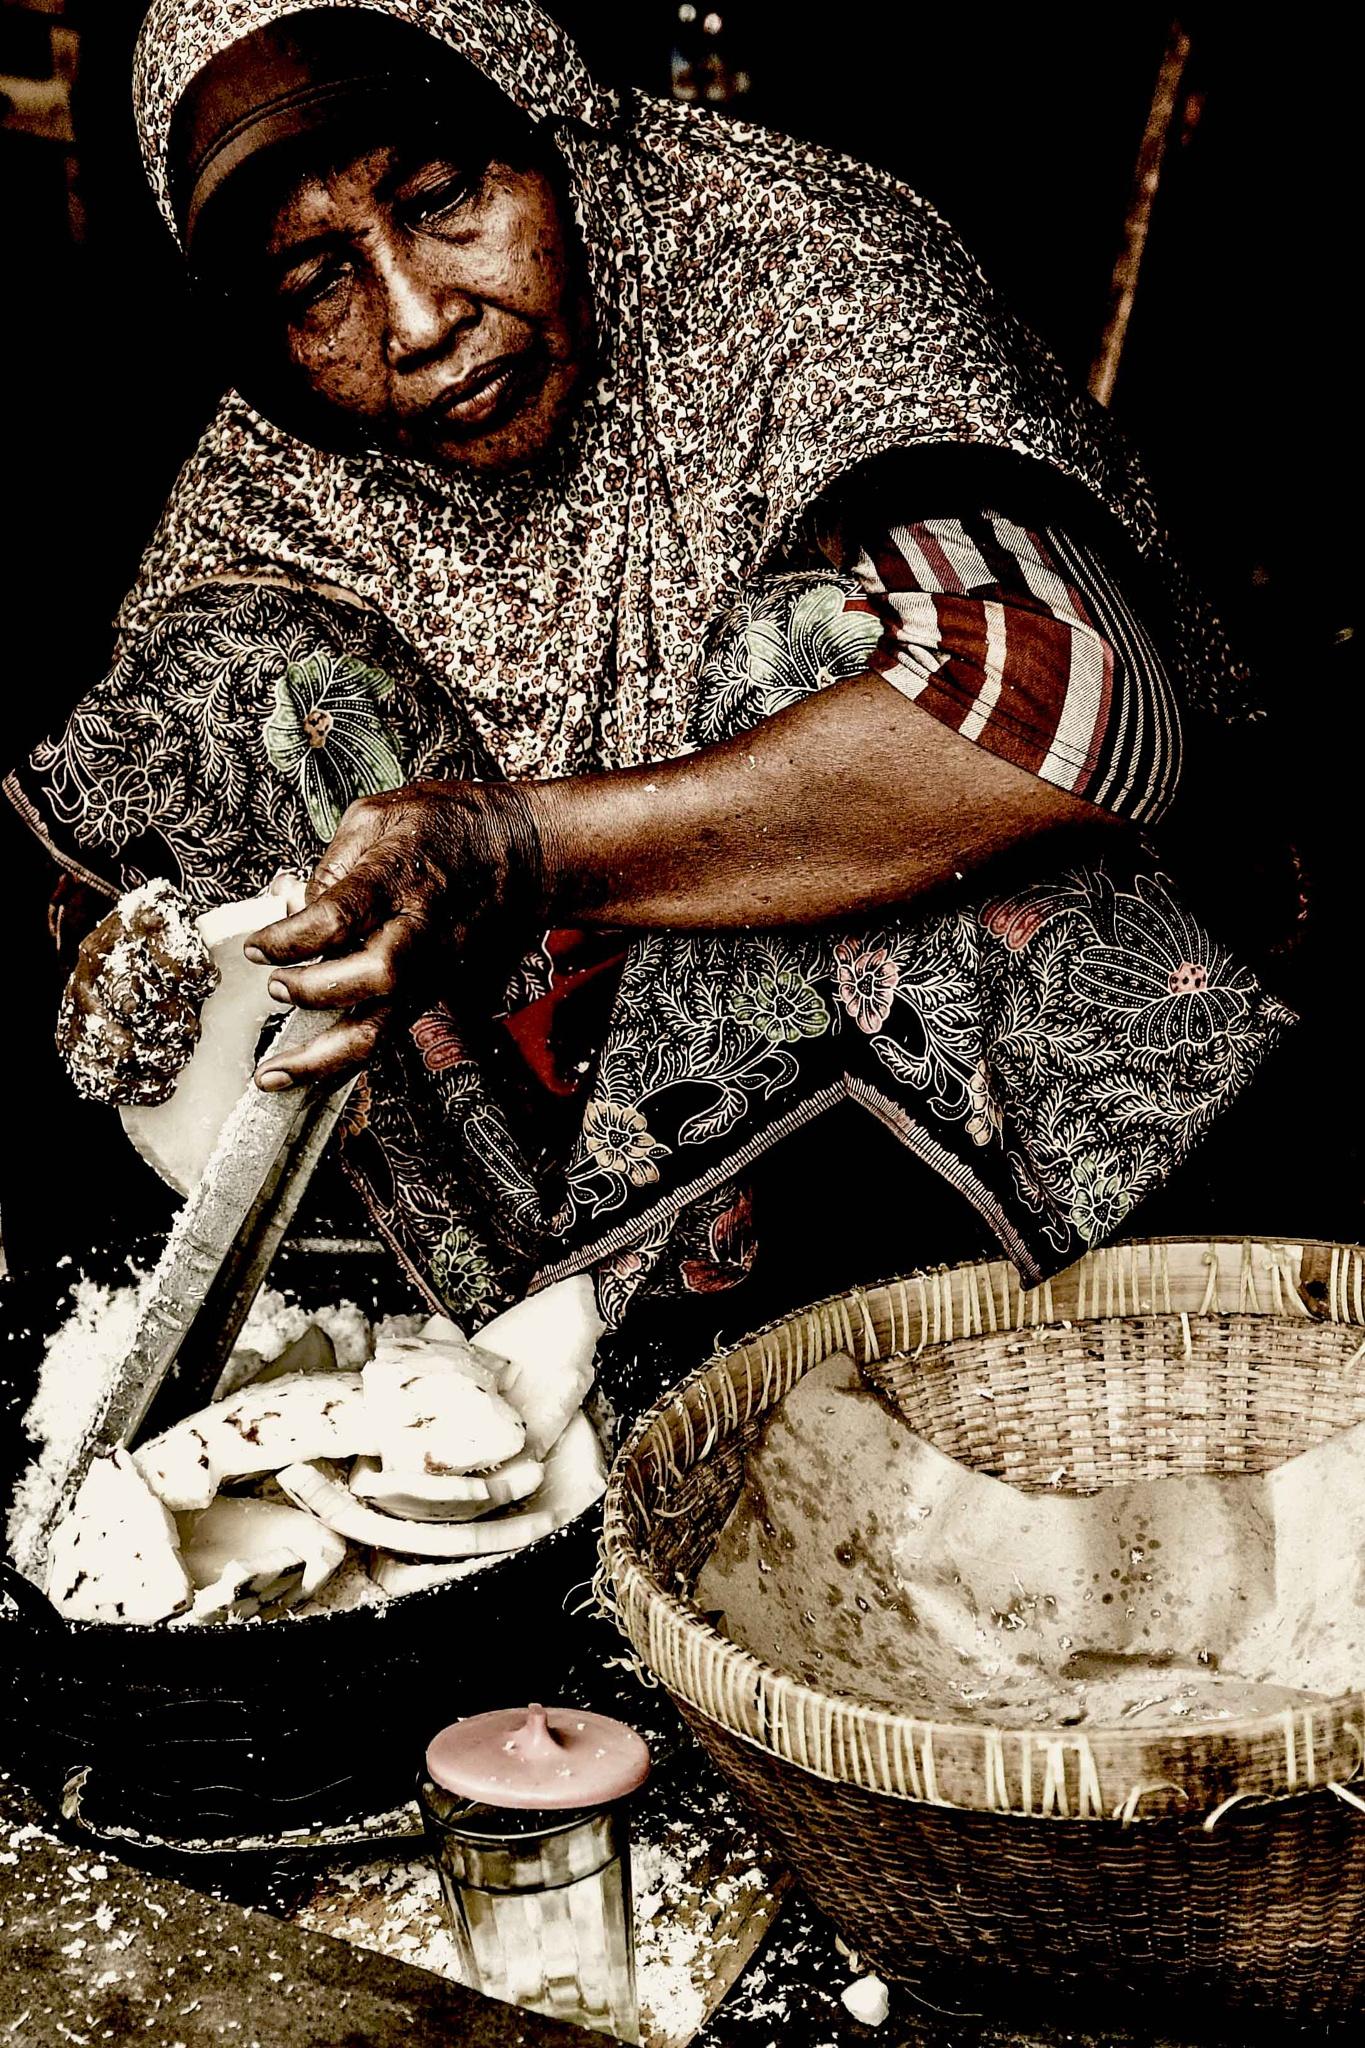 Shredding Coconut . by eddylowck